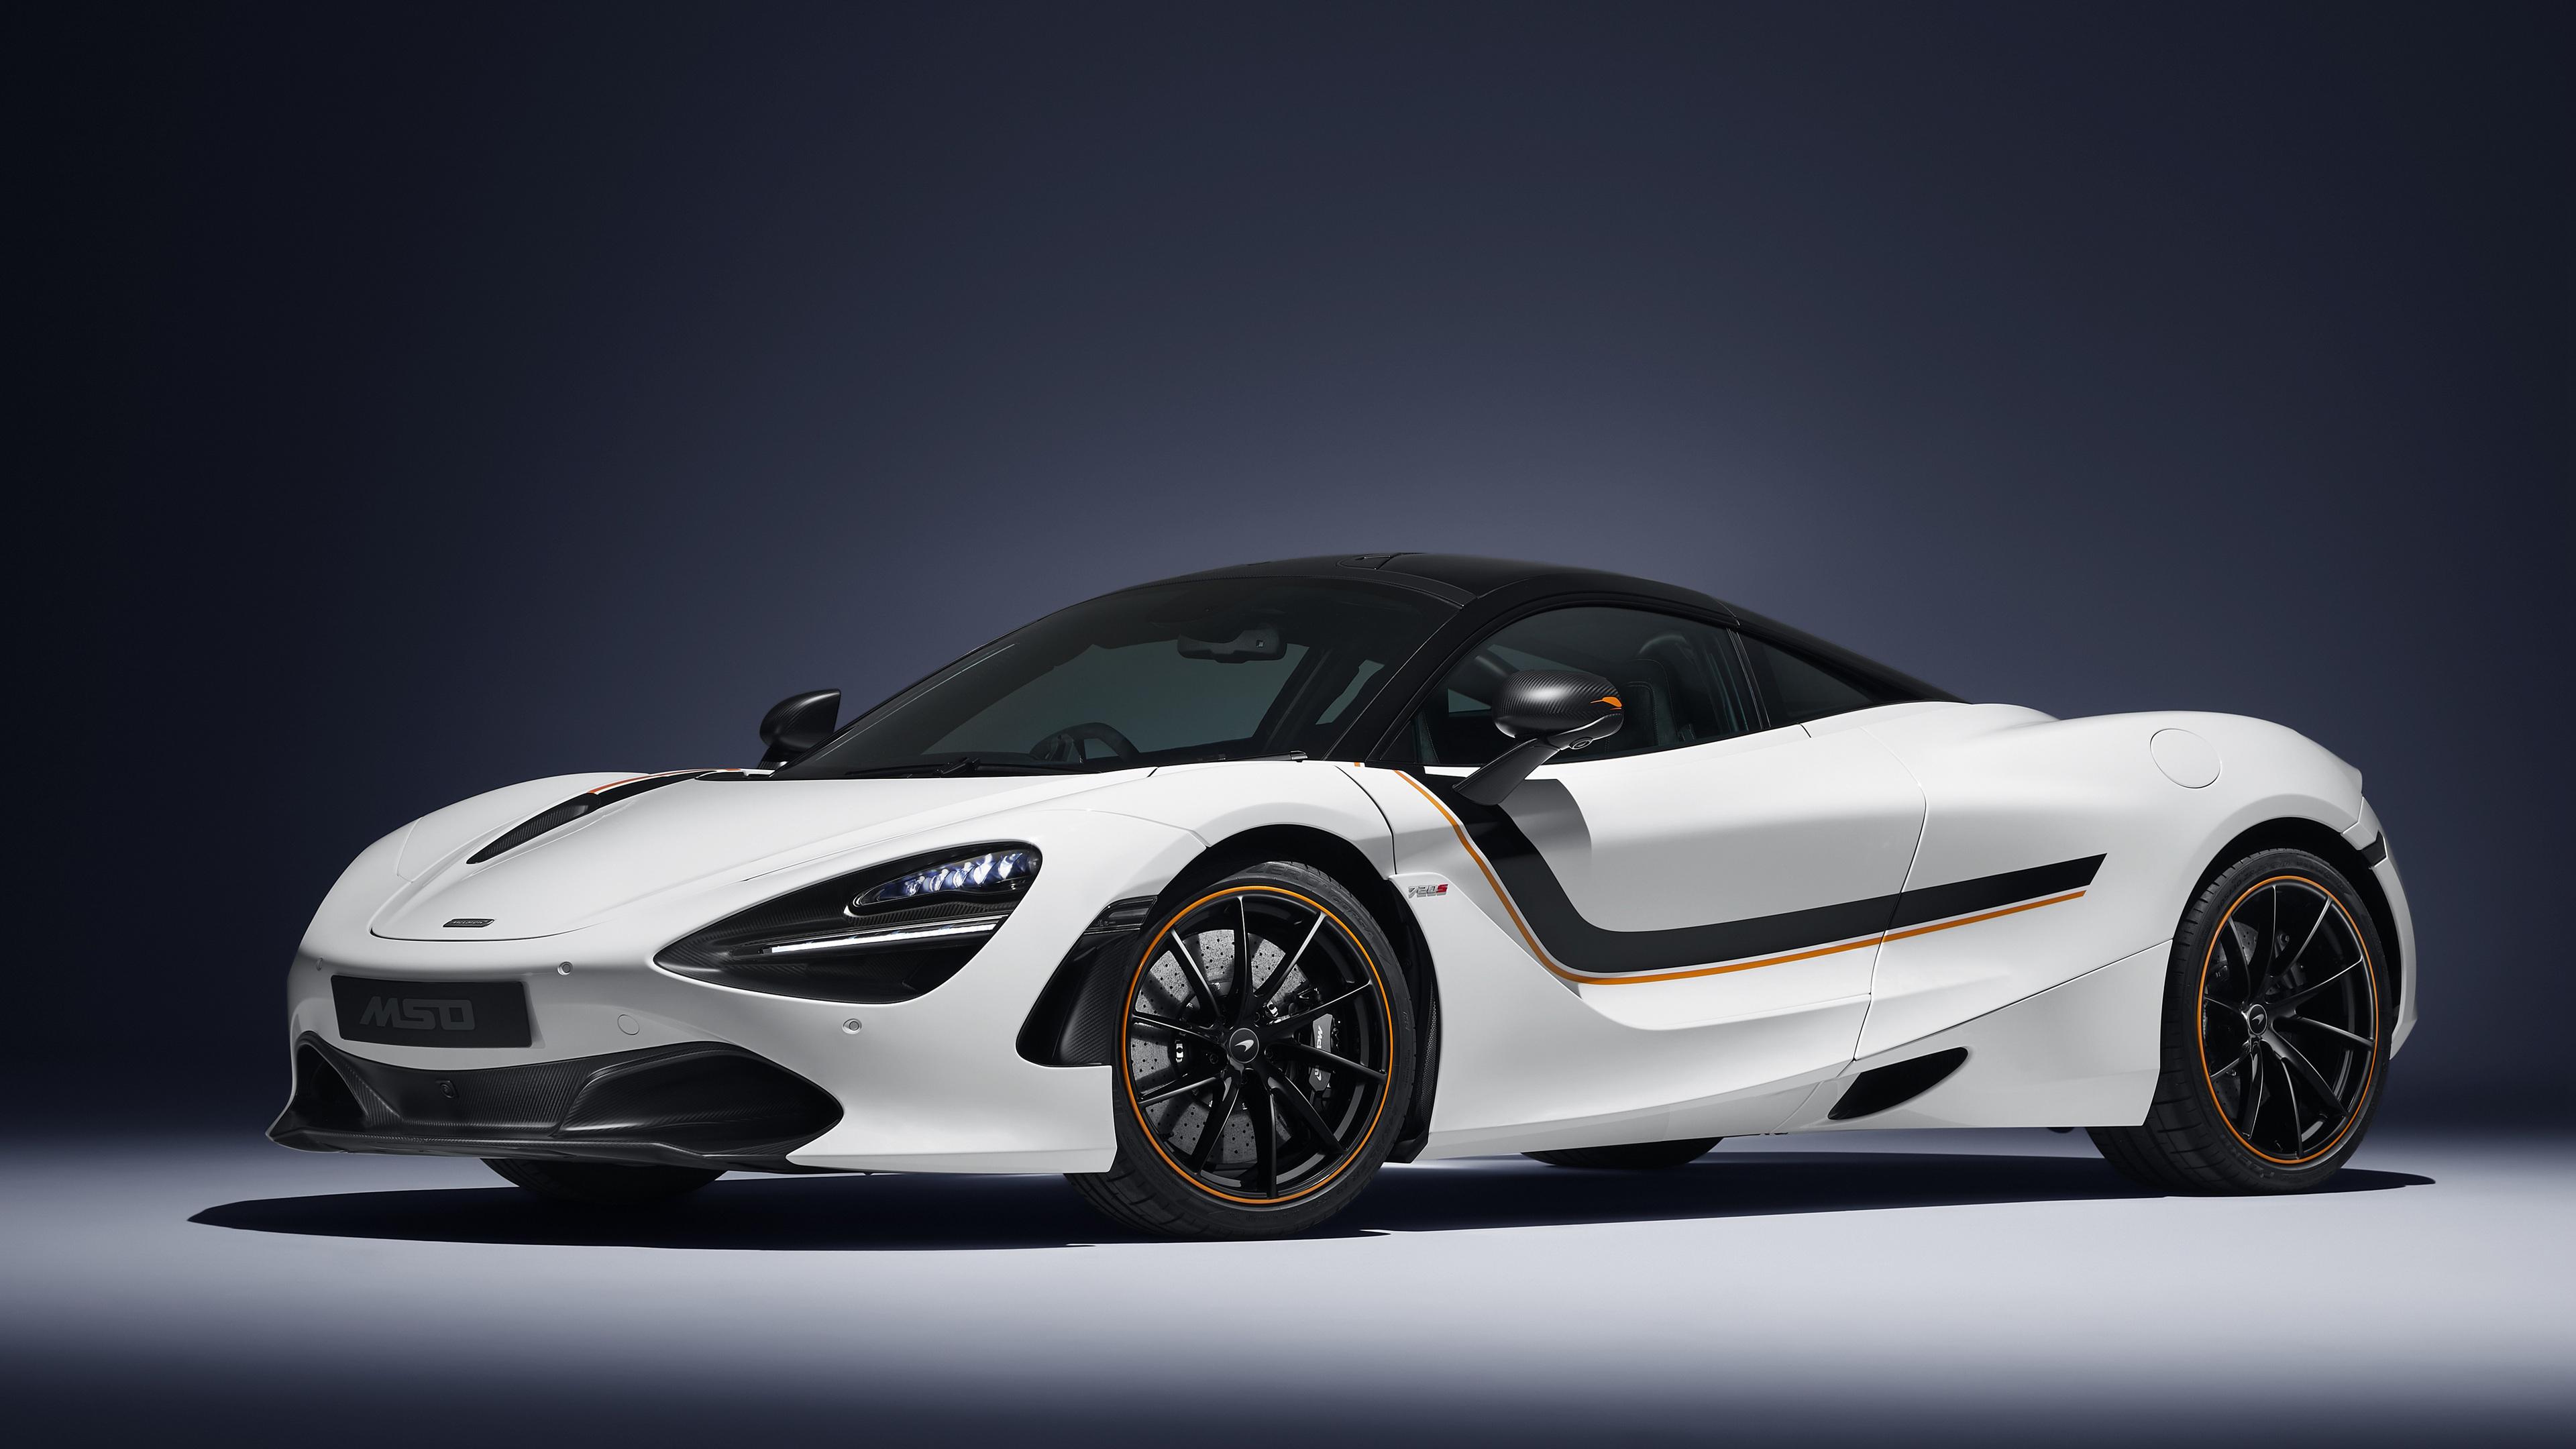 mclaren mso 720s track theme 2018 4k 1539113920 - McLaren MSO 720S Track Theme 2018 4k - mclaren wallpapers, mclaren 720s wallpapers, hd-wallpapers, cars wallpapers, 4k-wallpapers, 2018 cars wallpapers